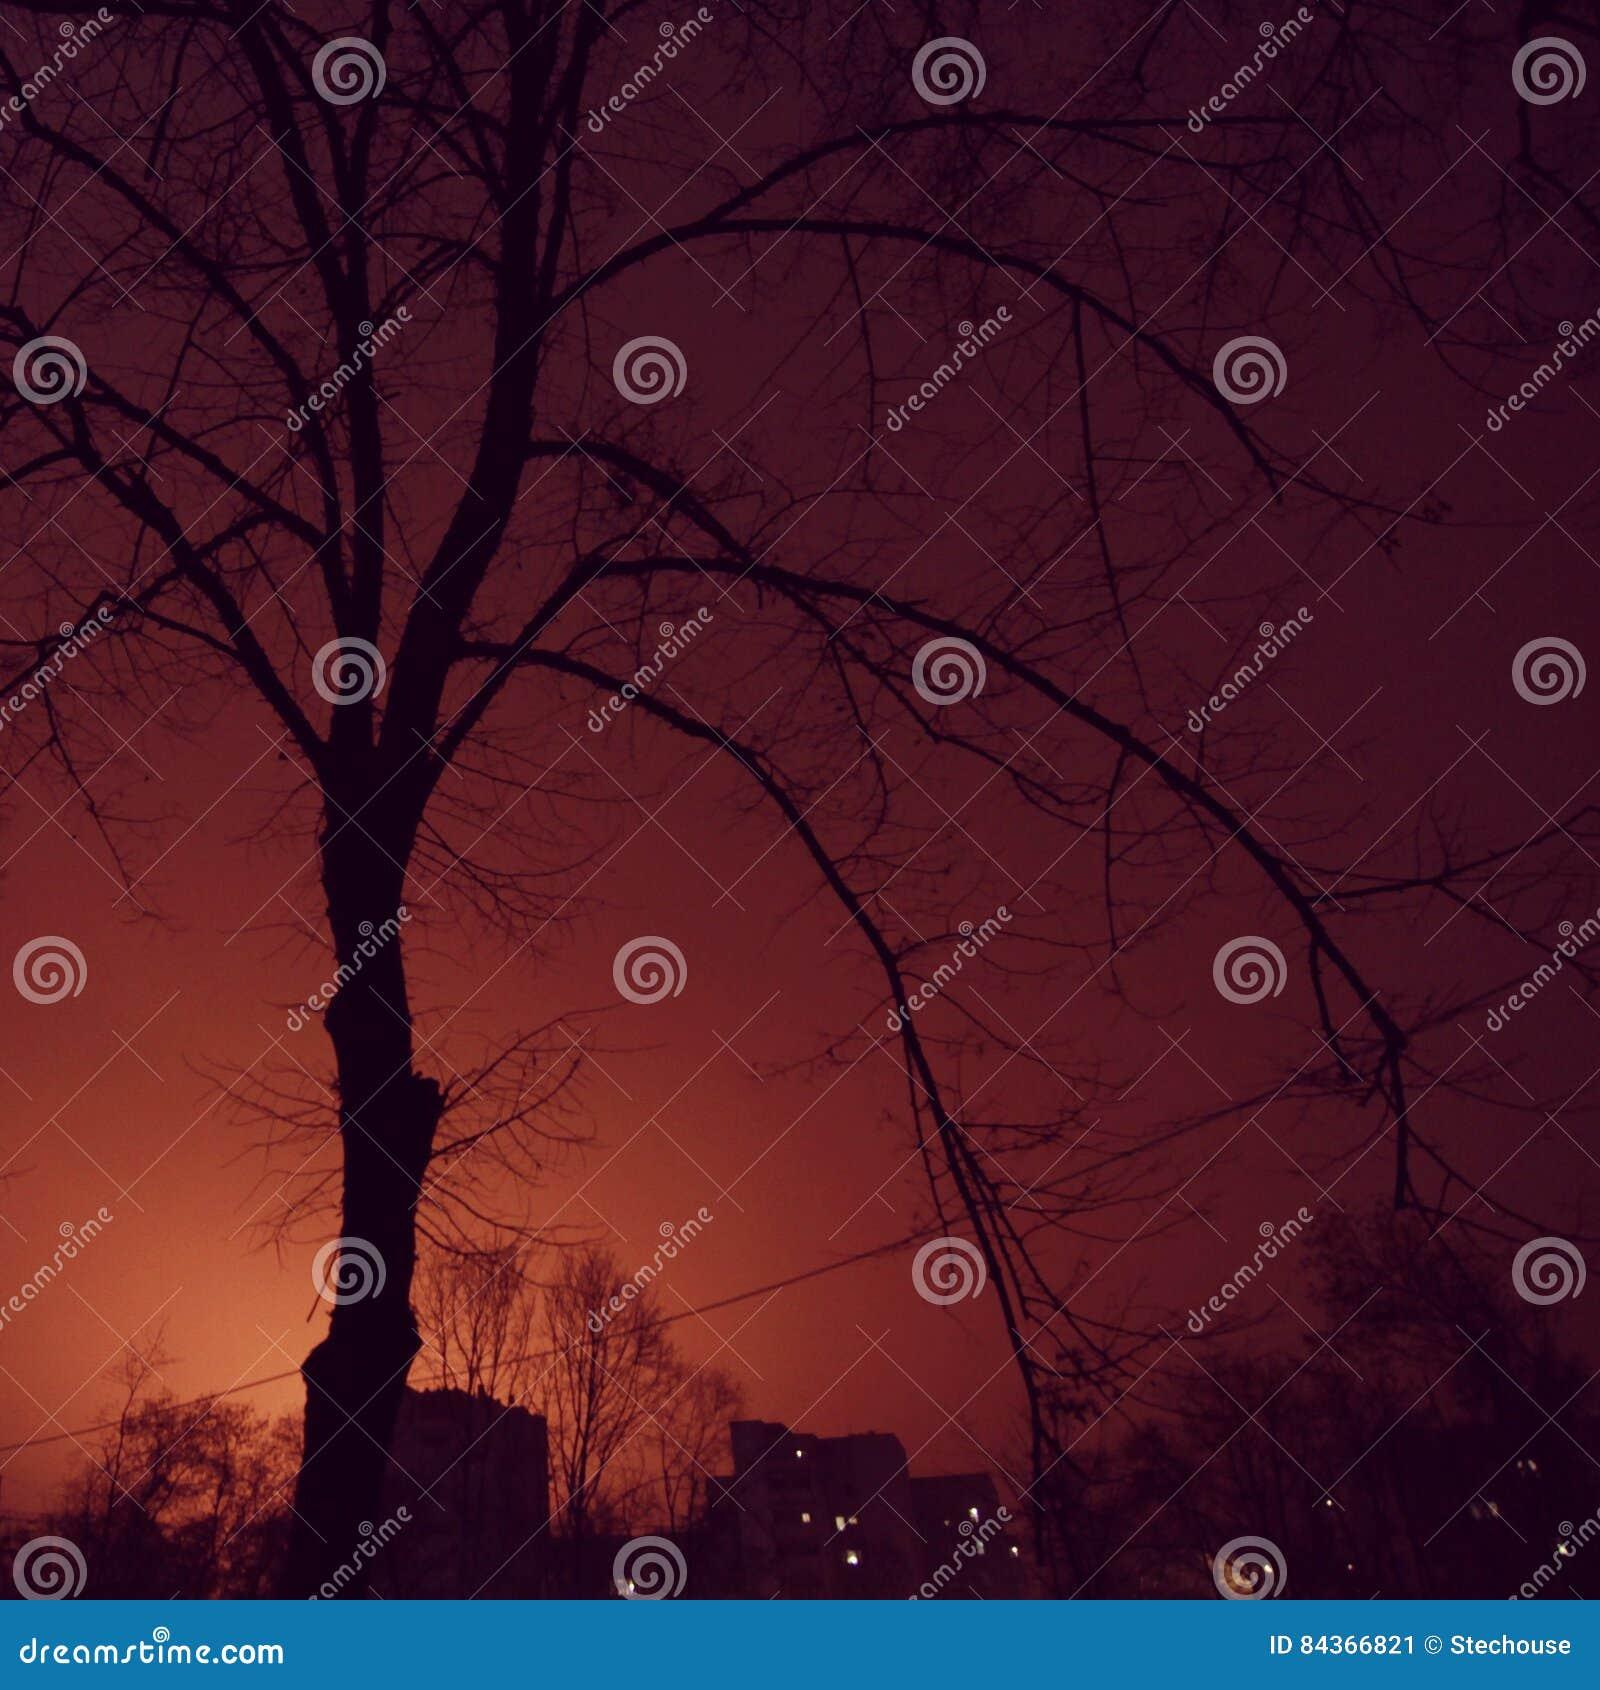 Cielo Rosso Di Notte.Cielo Rosso A Piacere Del Marinaio Di Notte Immagine Stock